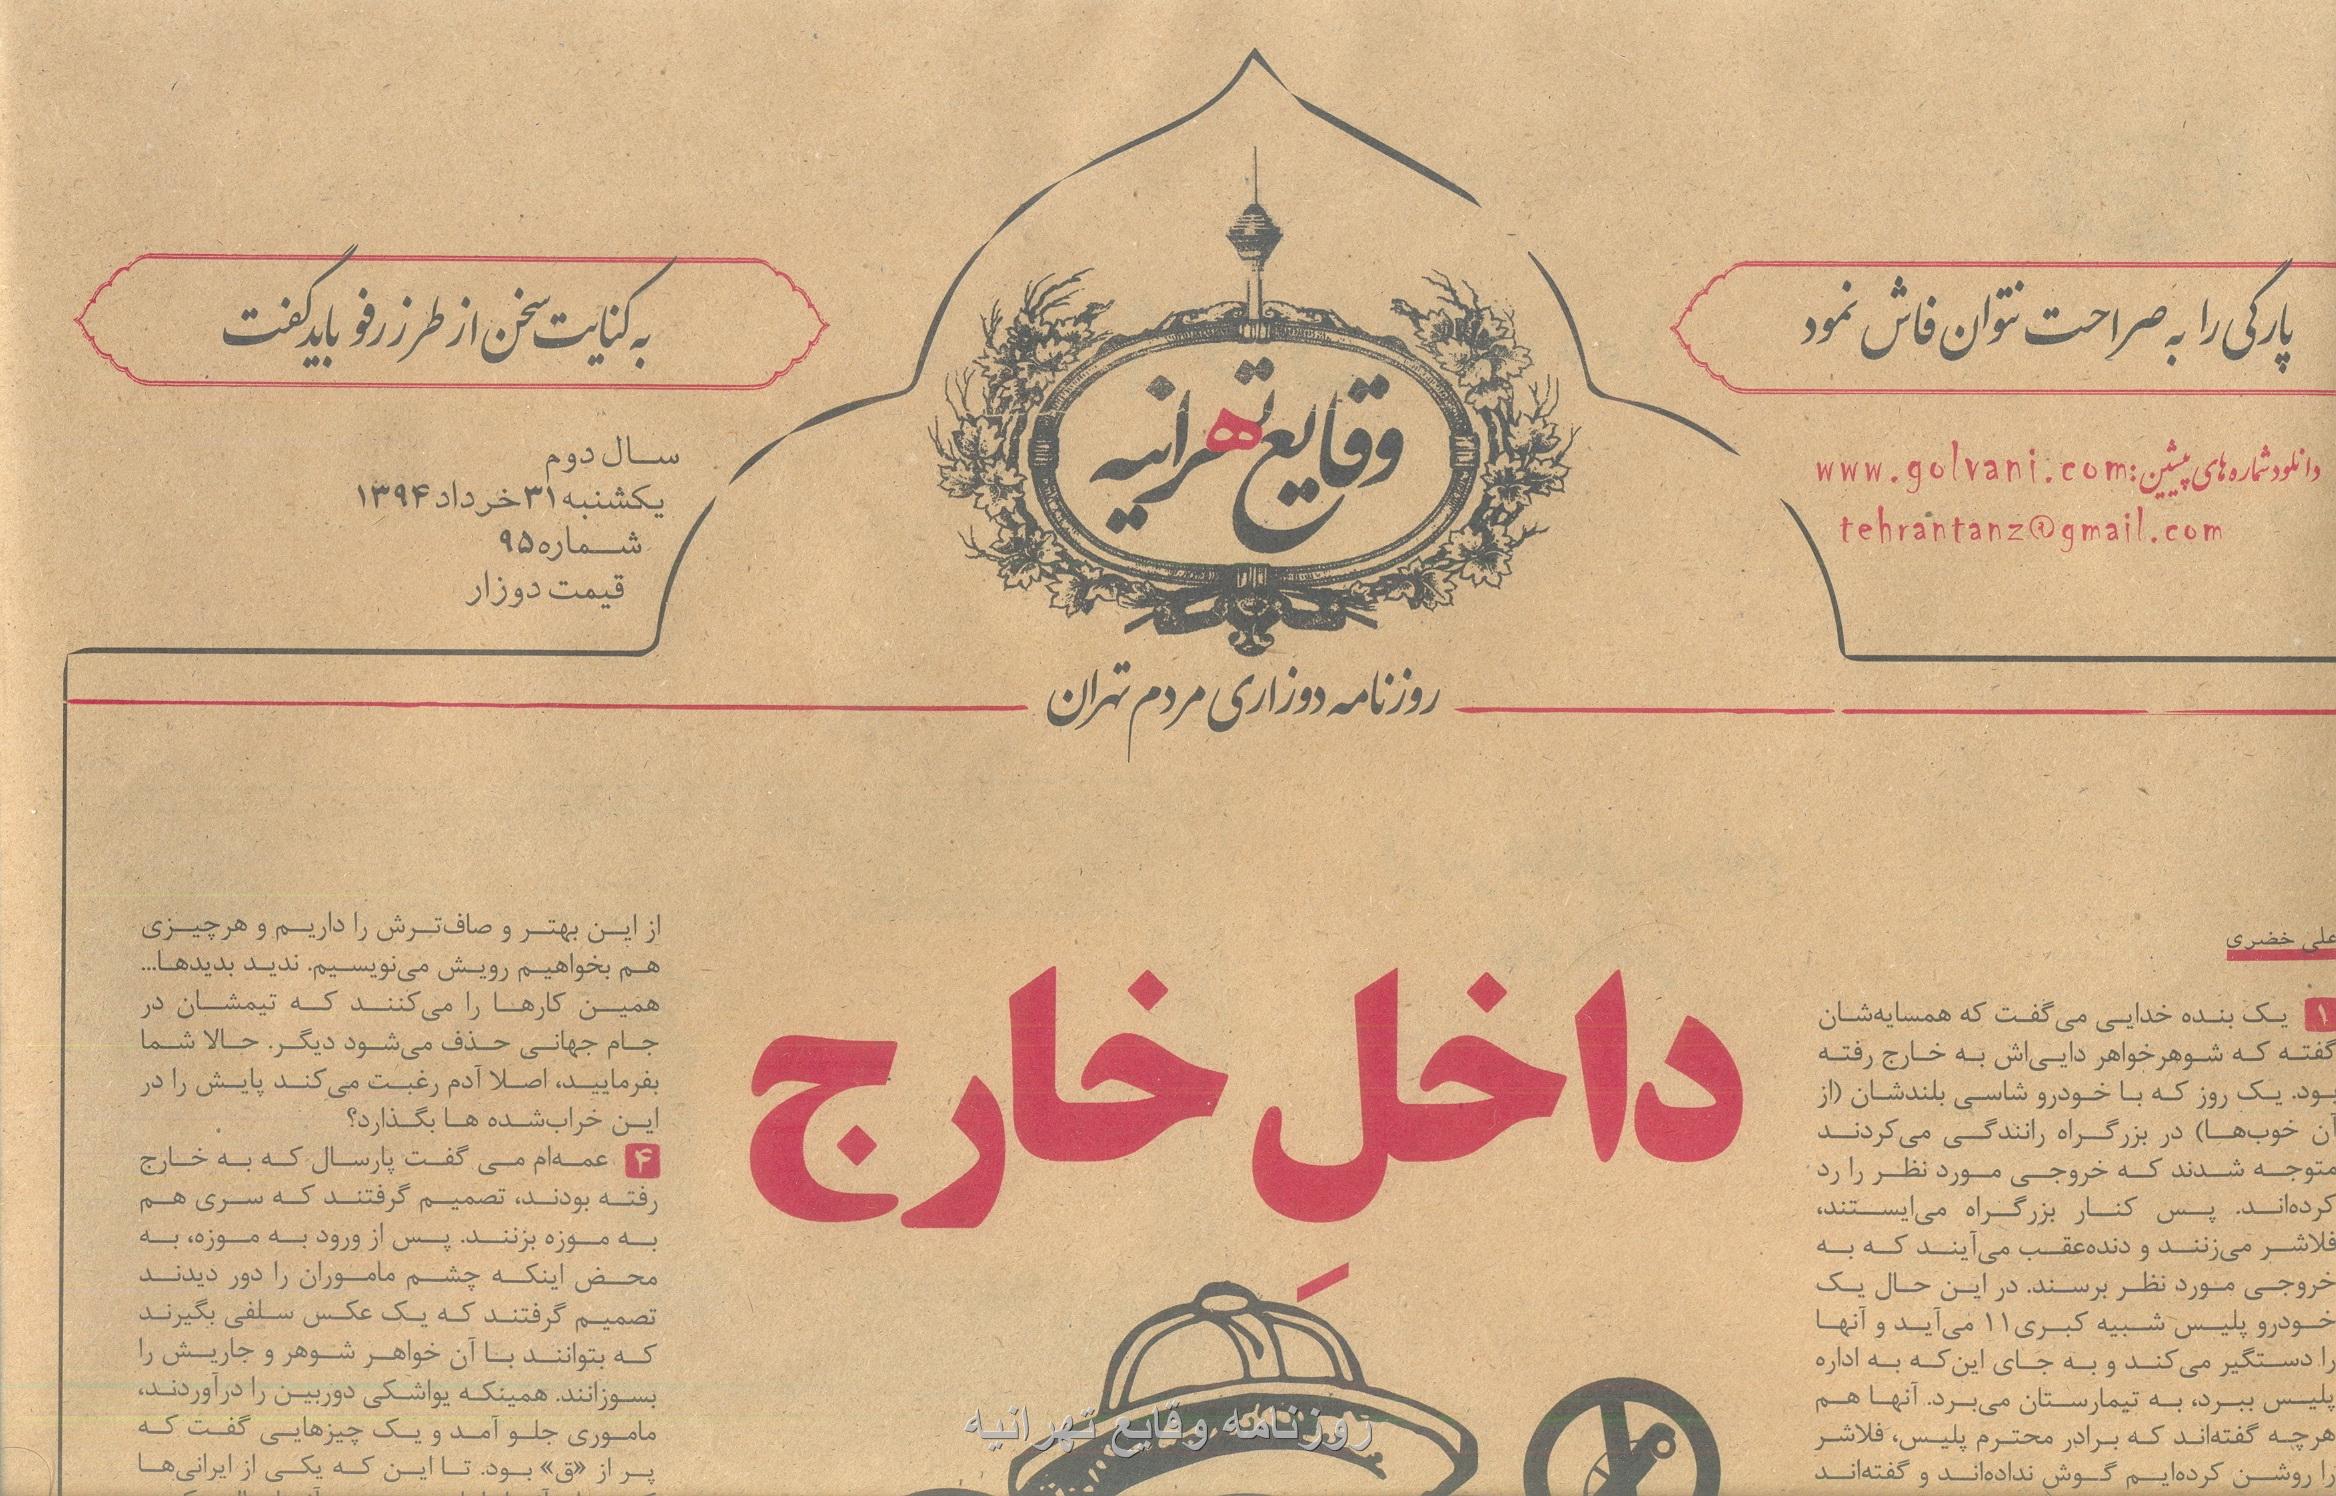 روزنامه وقایع تهرانیه